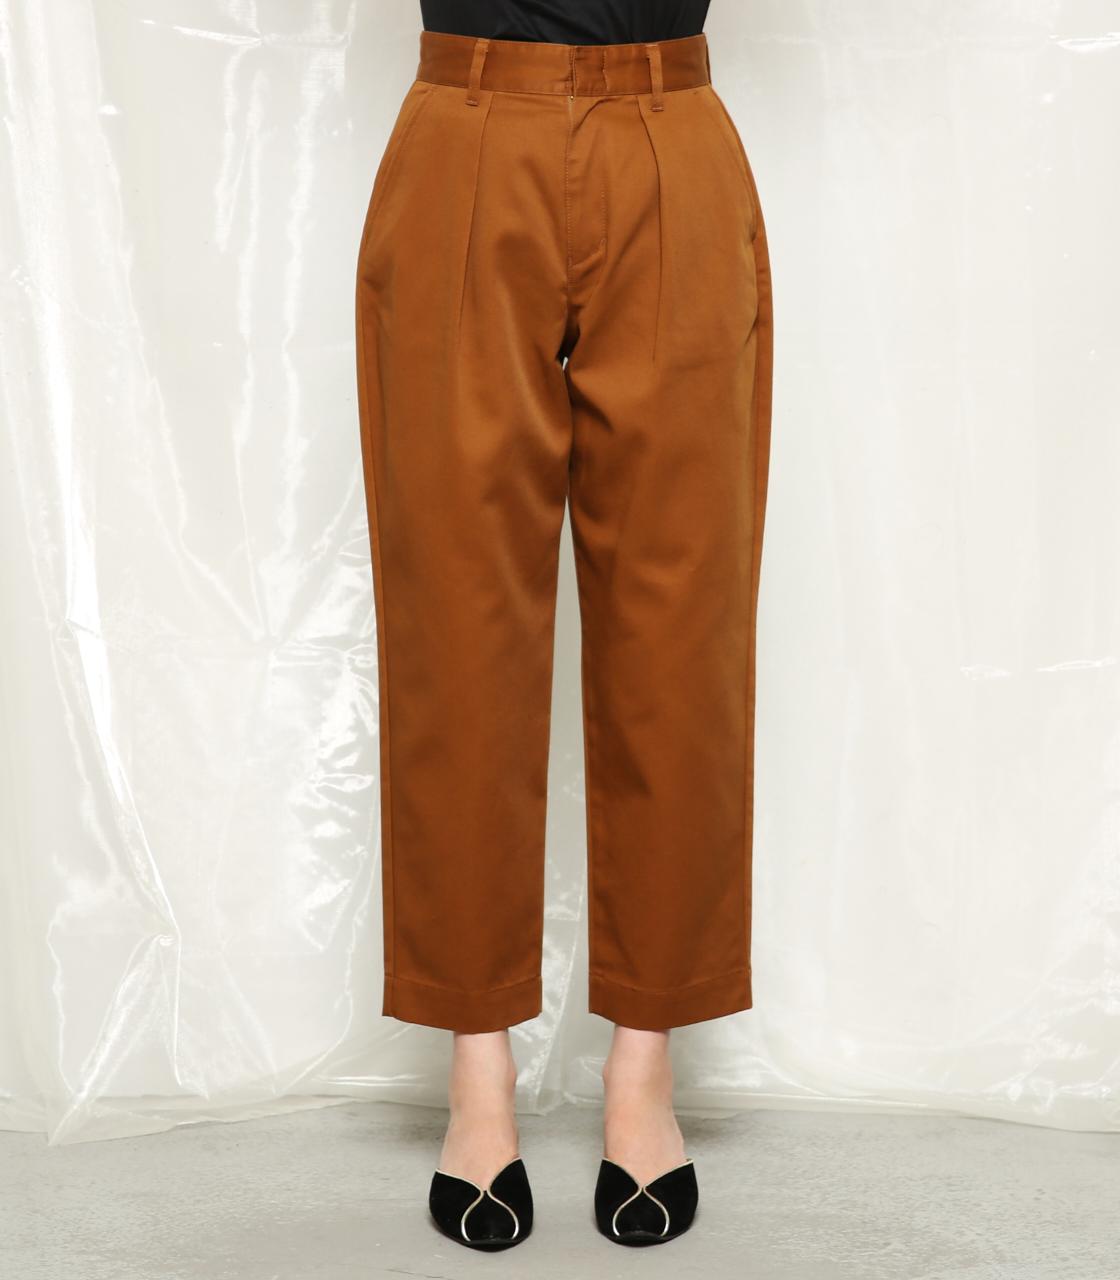 芸能人がにじいろジーンで着用した衣装カットソー、パンツ